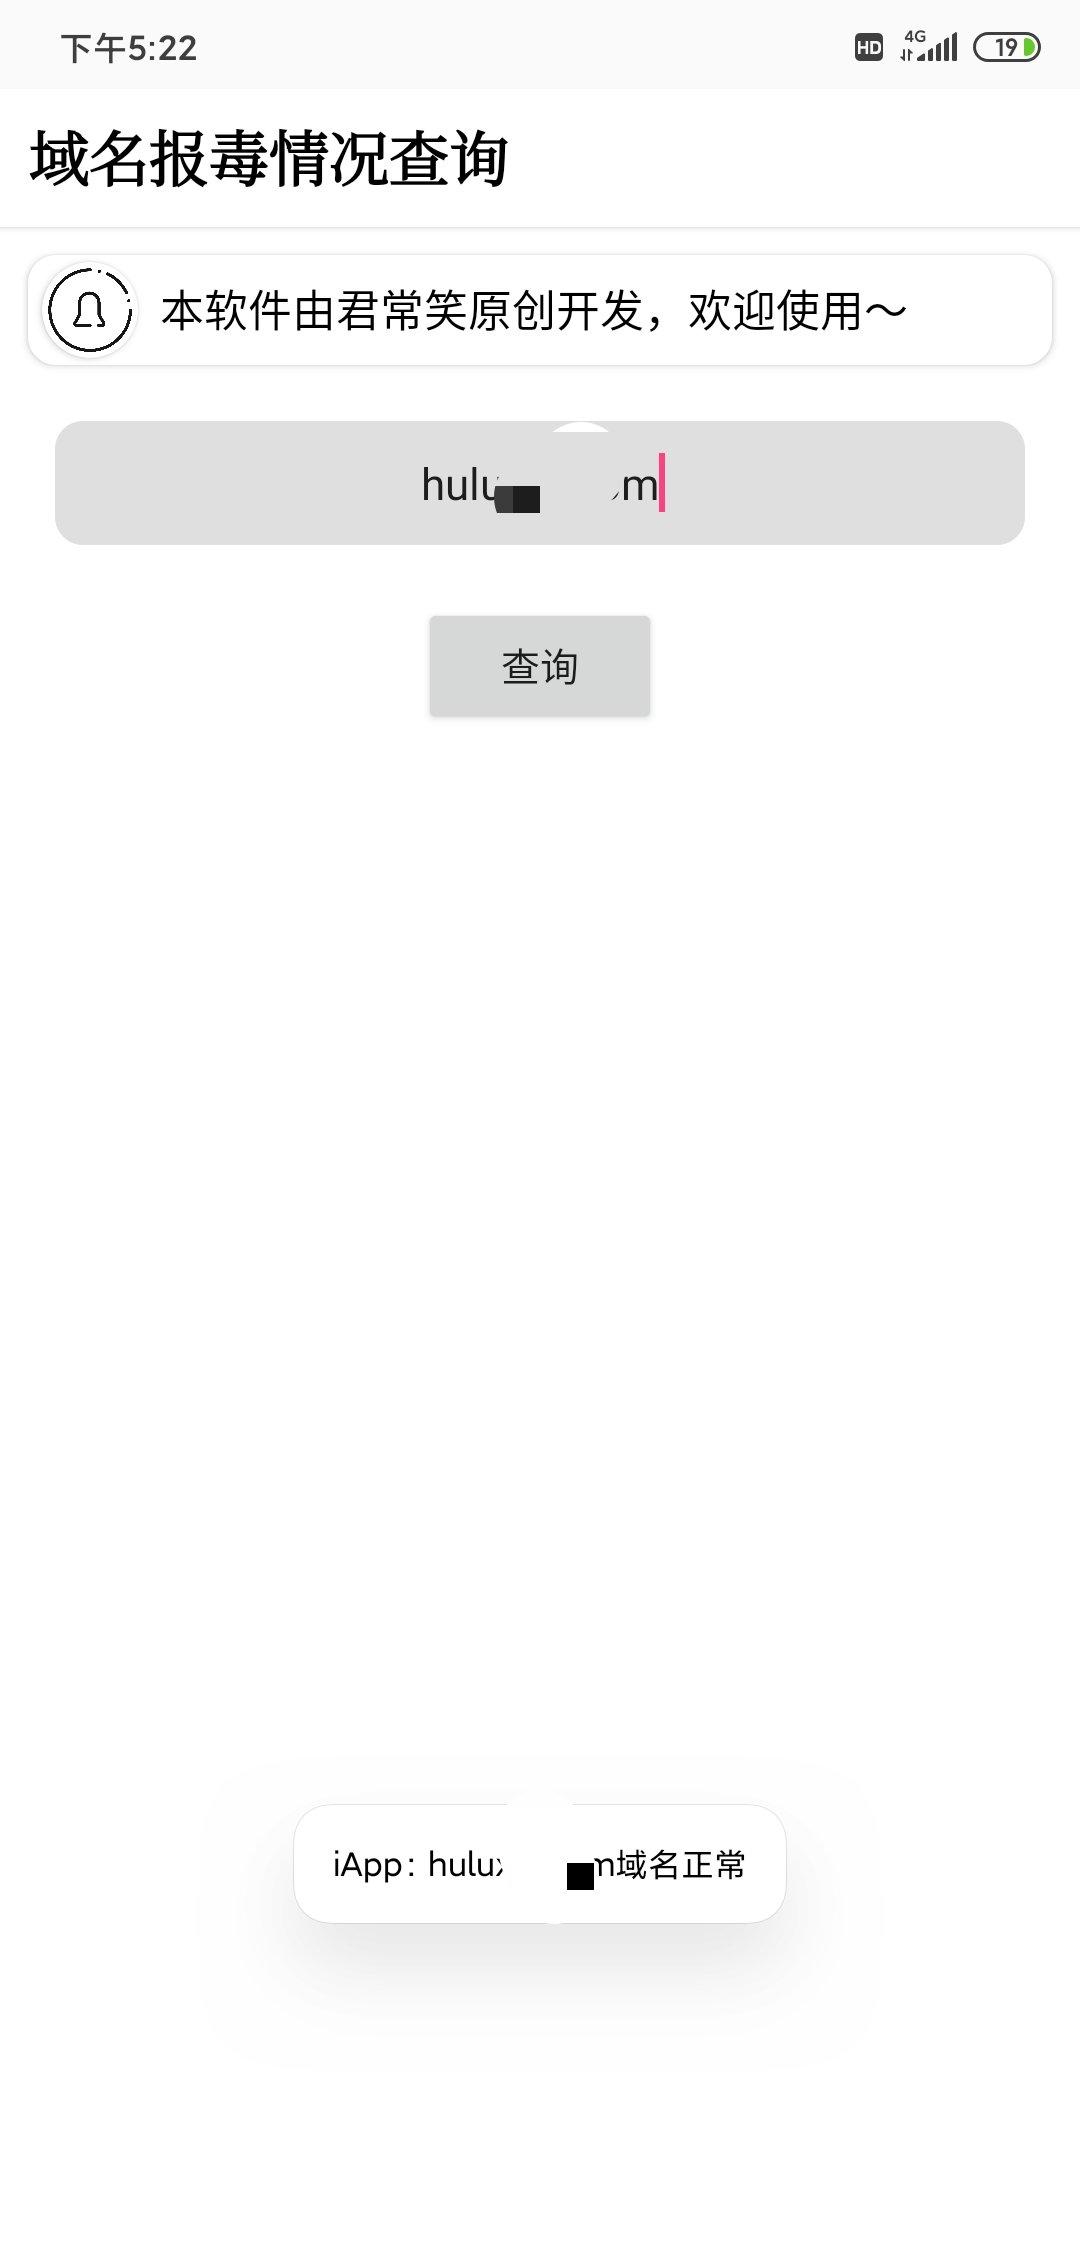 【原创开发】域名报毒情况查询 1.0 检测QQ电脑管家报毒检测